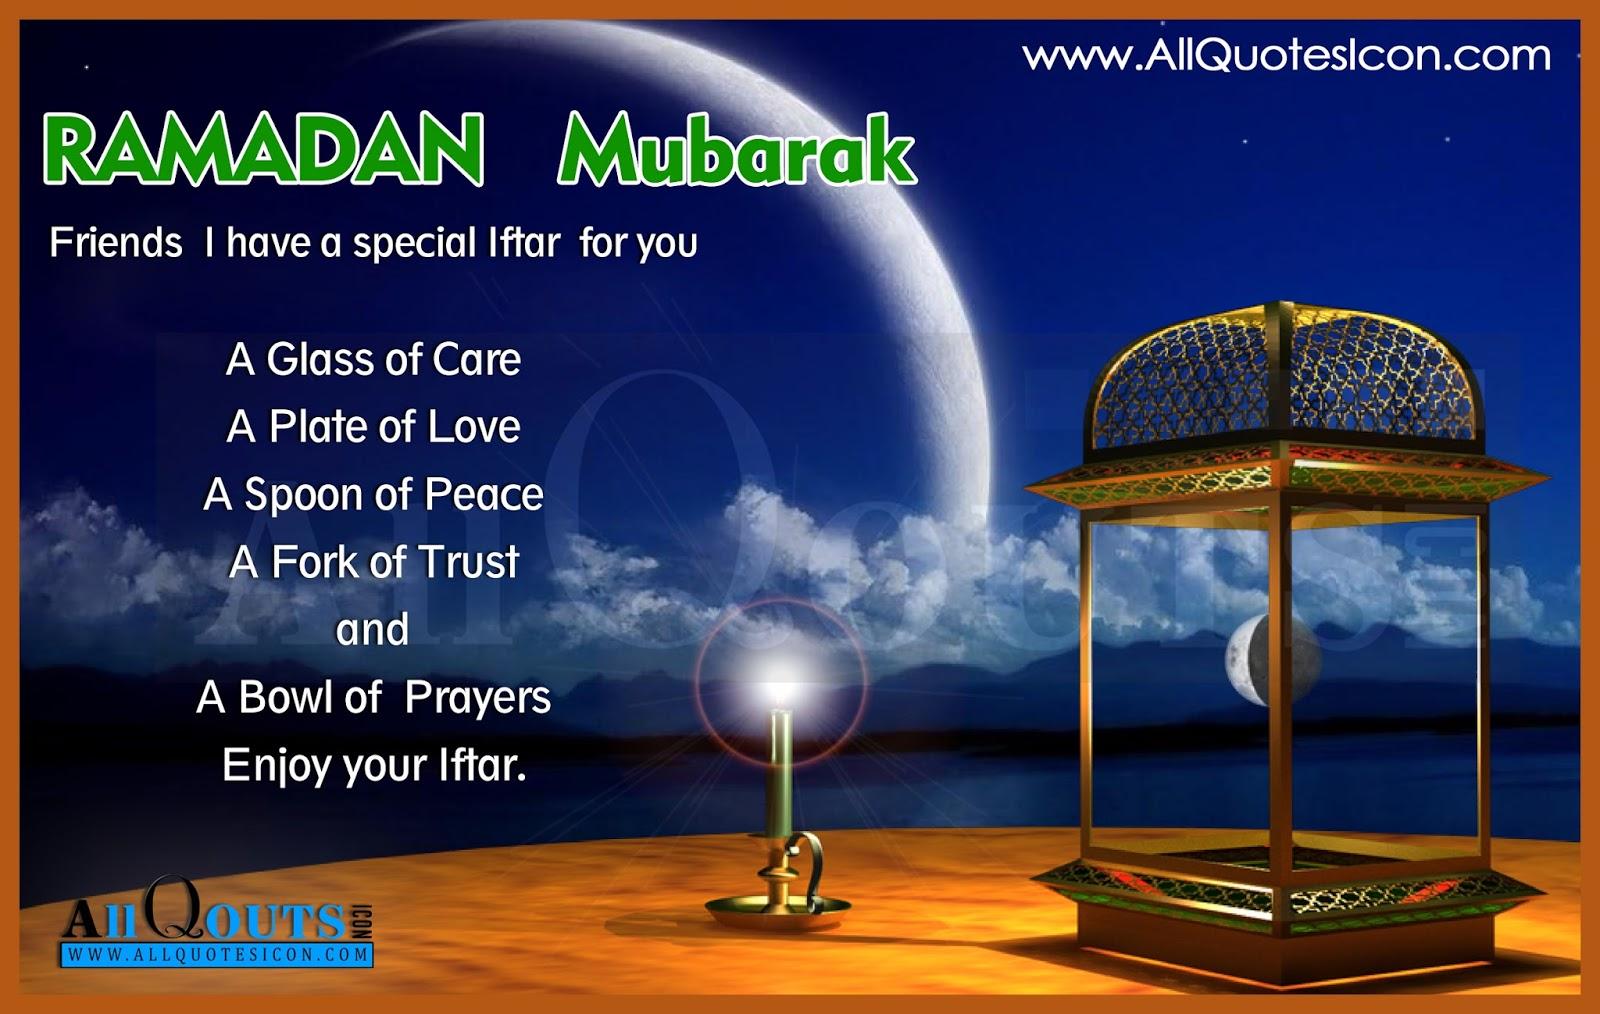 Ramadan Mubarak English Quotes Wallpapers Famous Ramadan Quotes